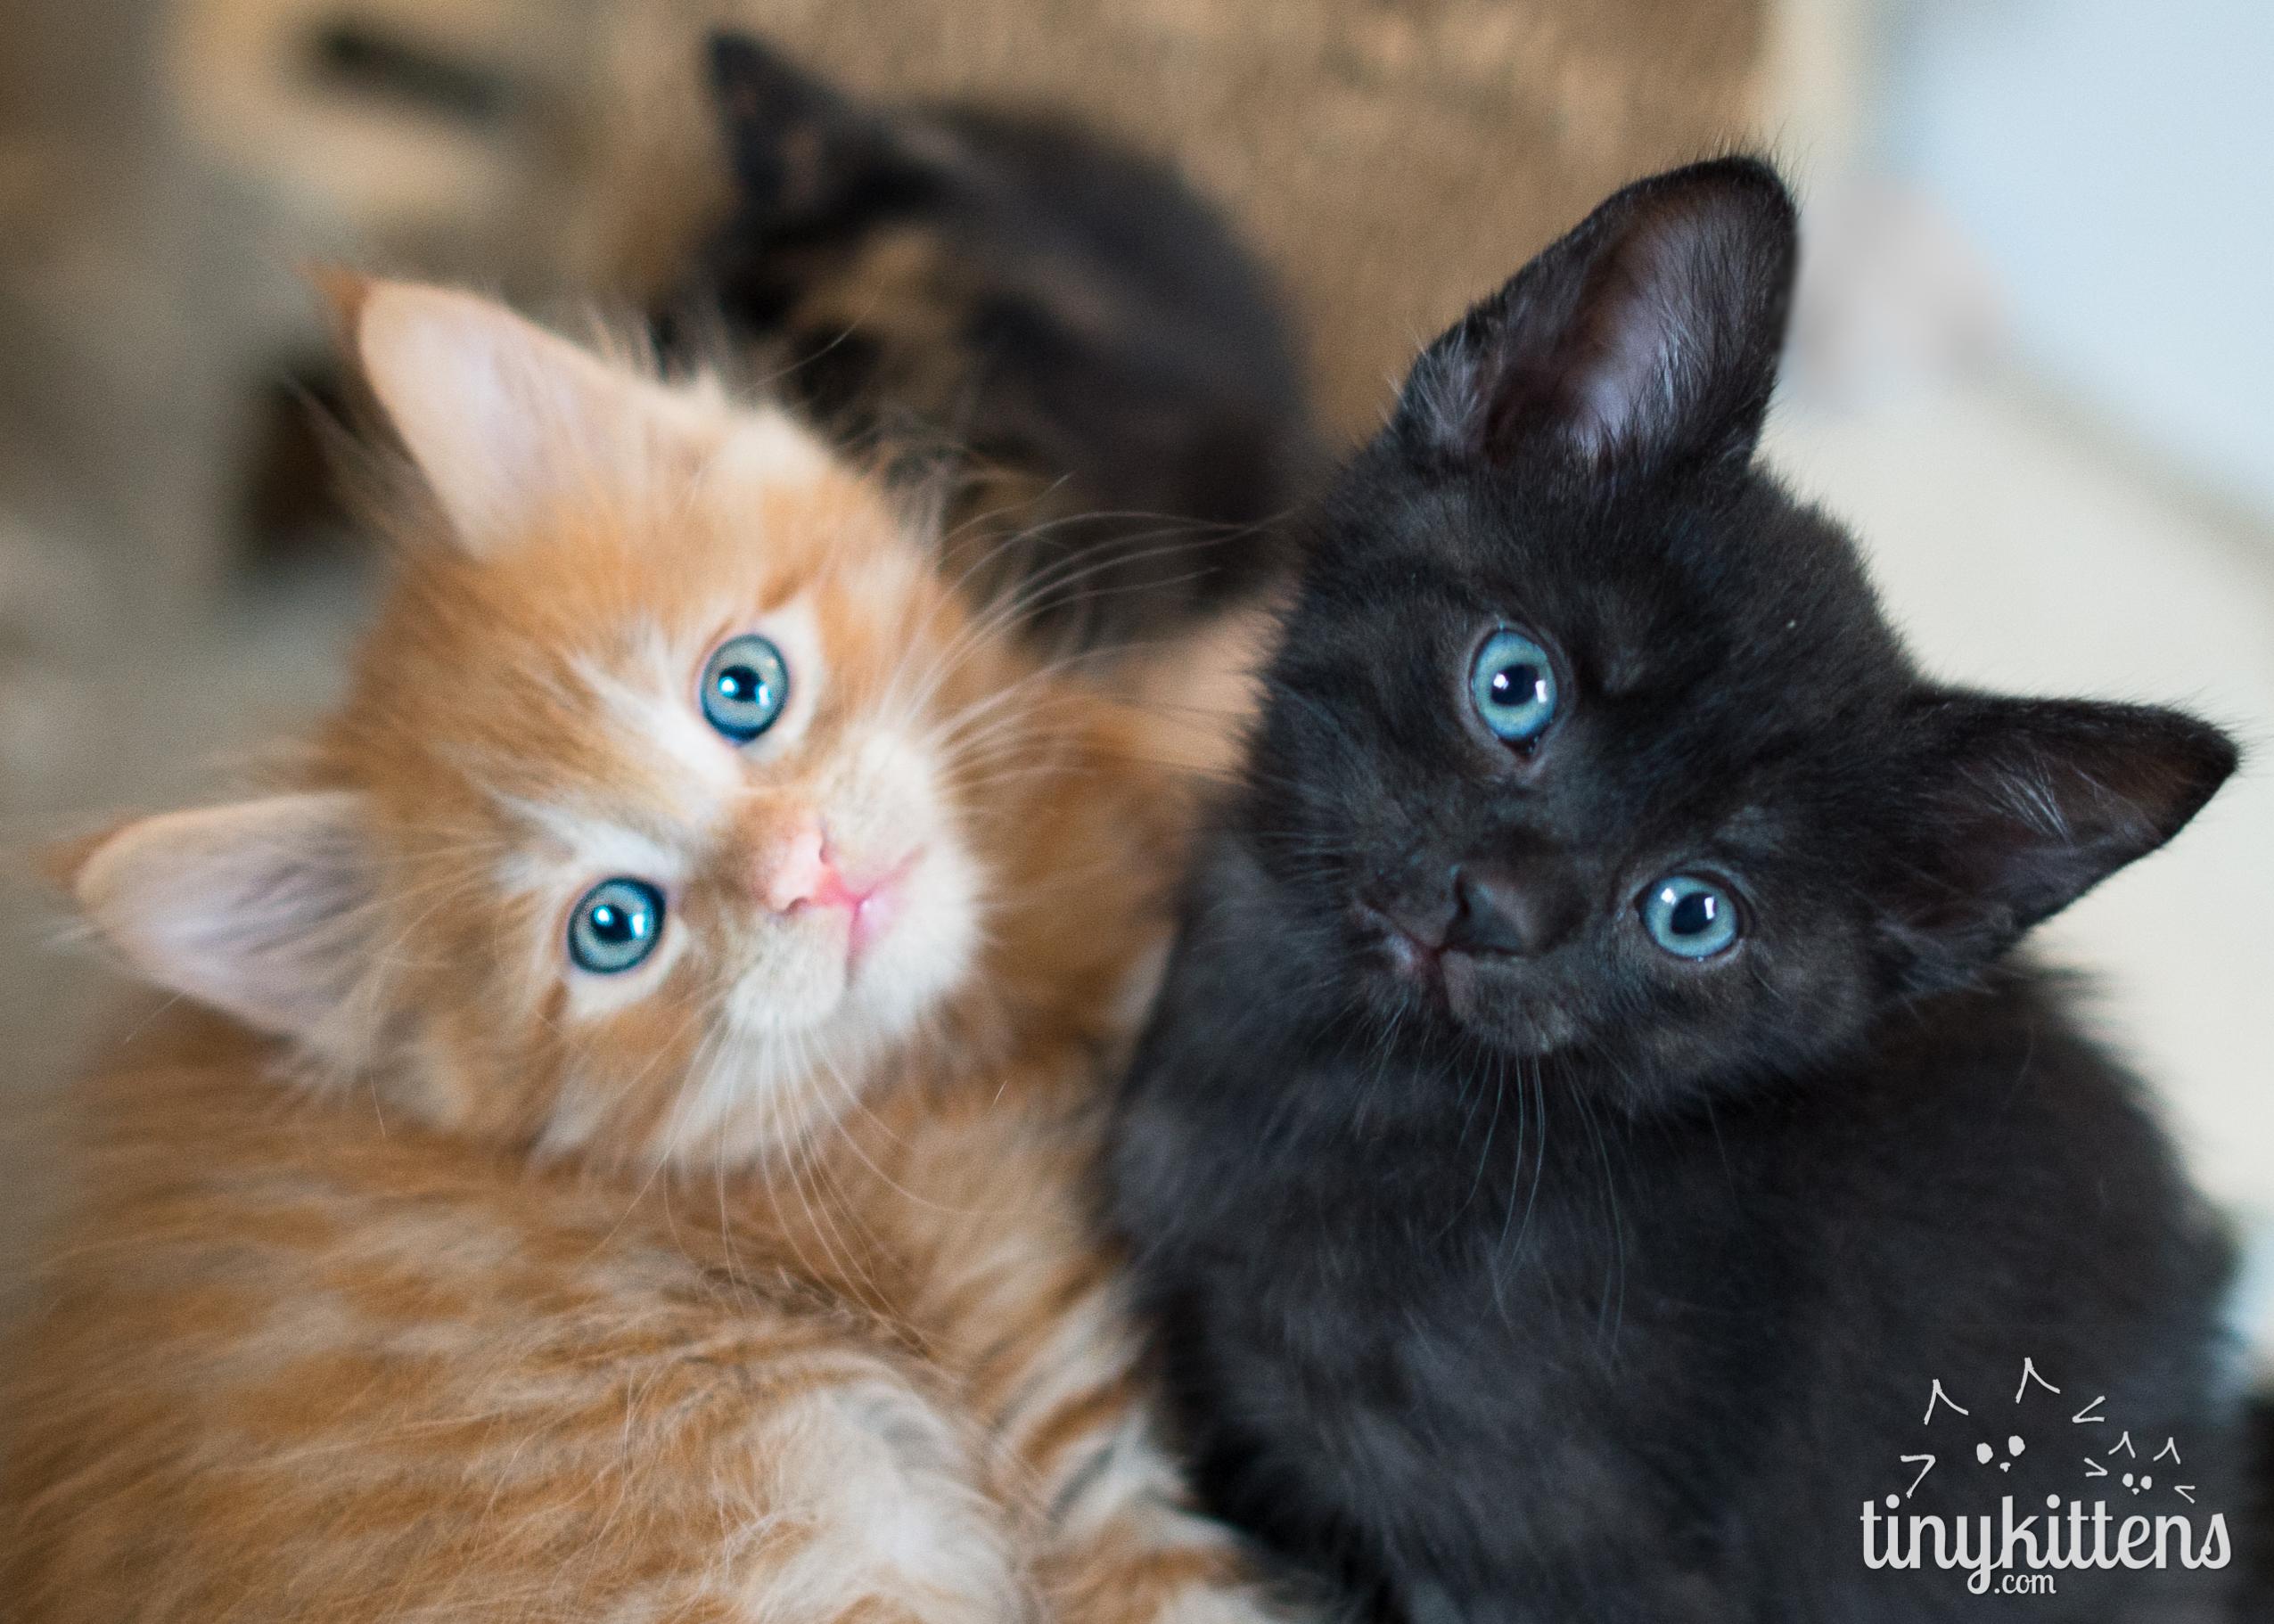 The Dancing Kittens on Livestream